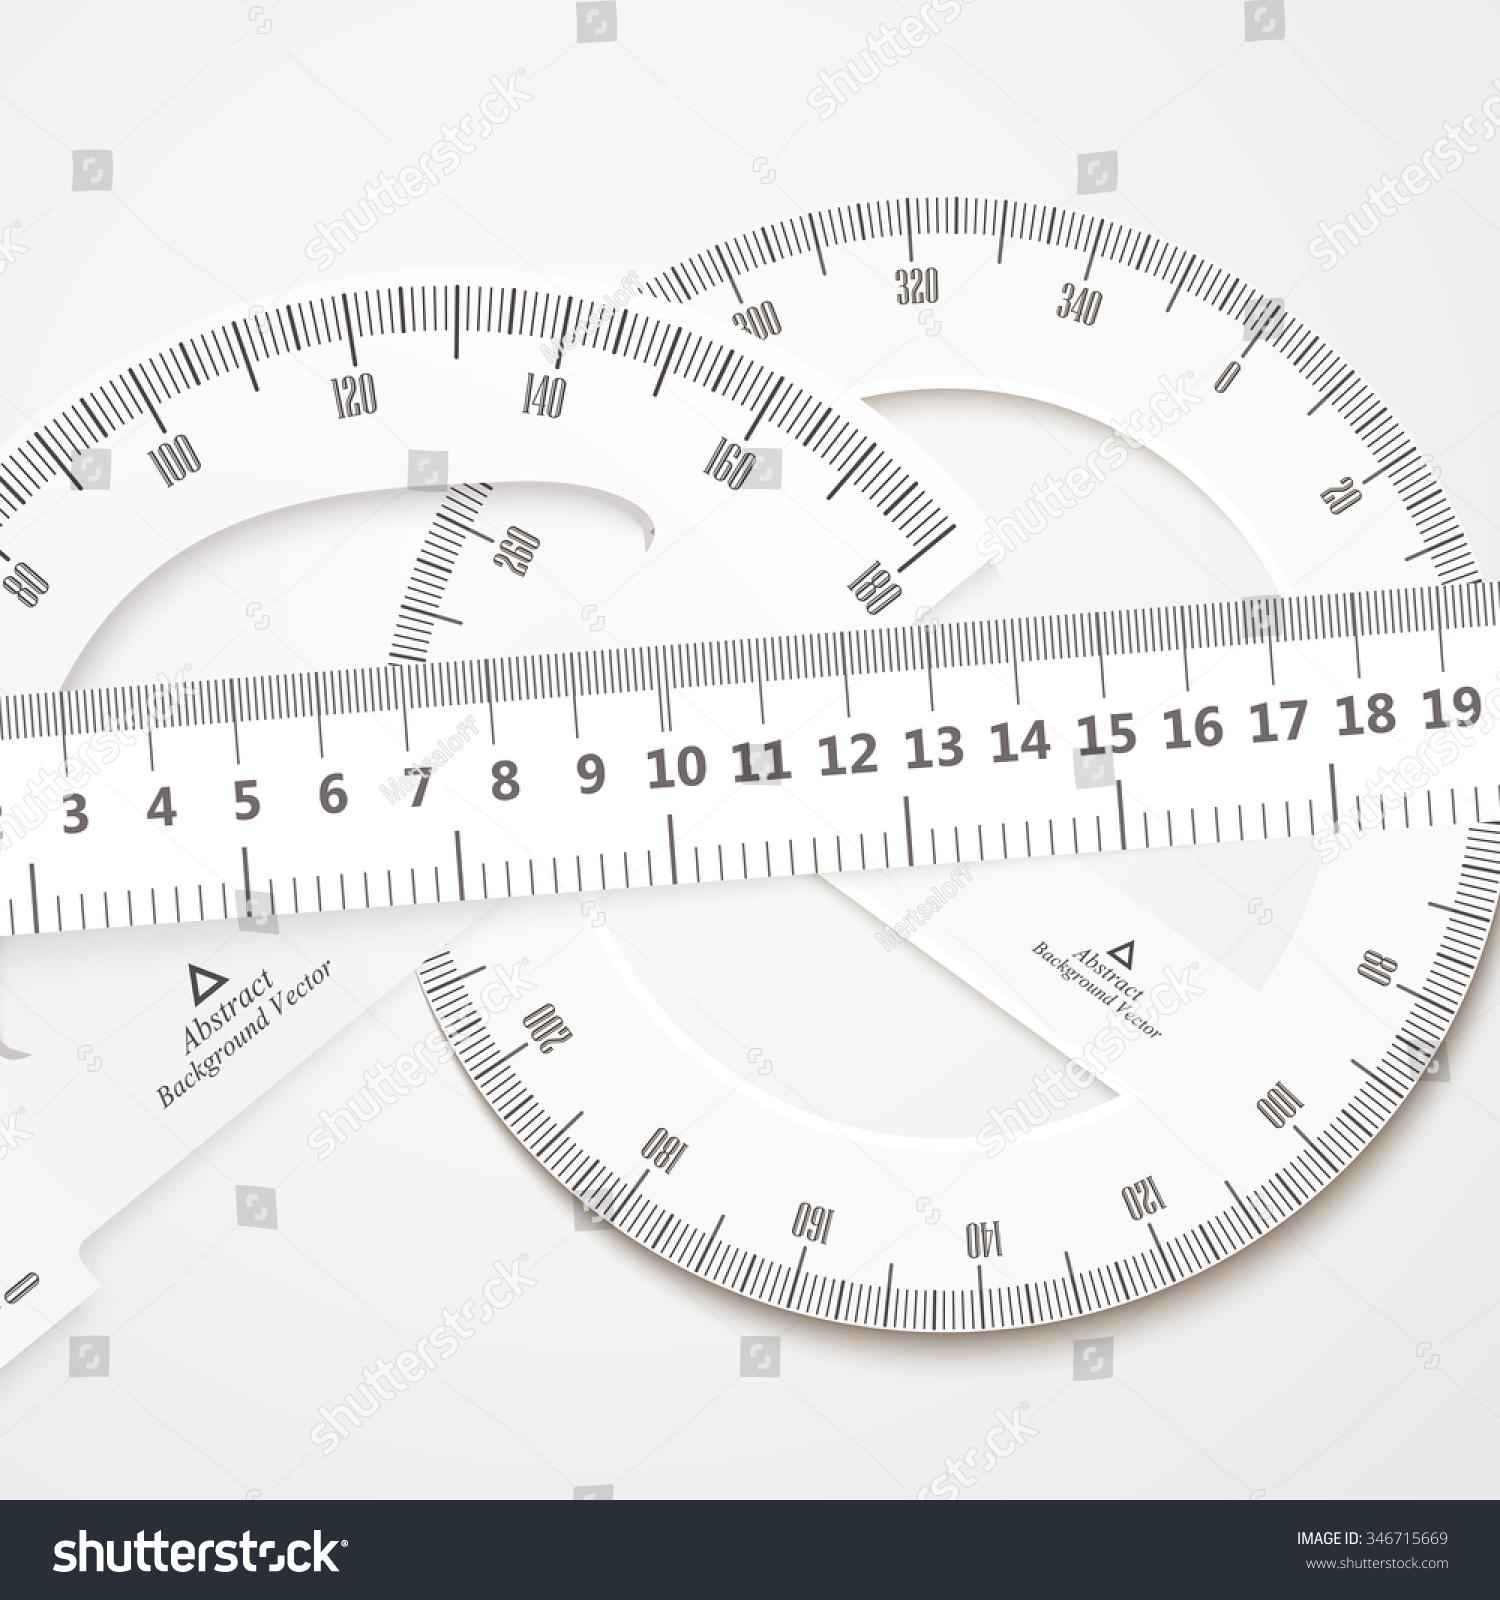 worksheet Math Aids Algebra protractor vector stock 260074532 printable tables protractors 186799670 shutterstock math aids algebra rulers measuring 346715669 vector